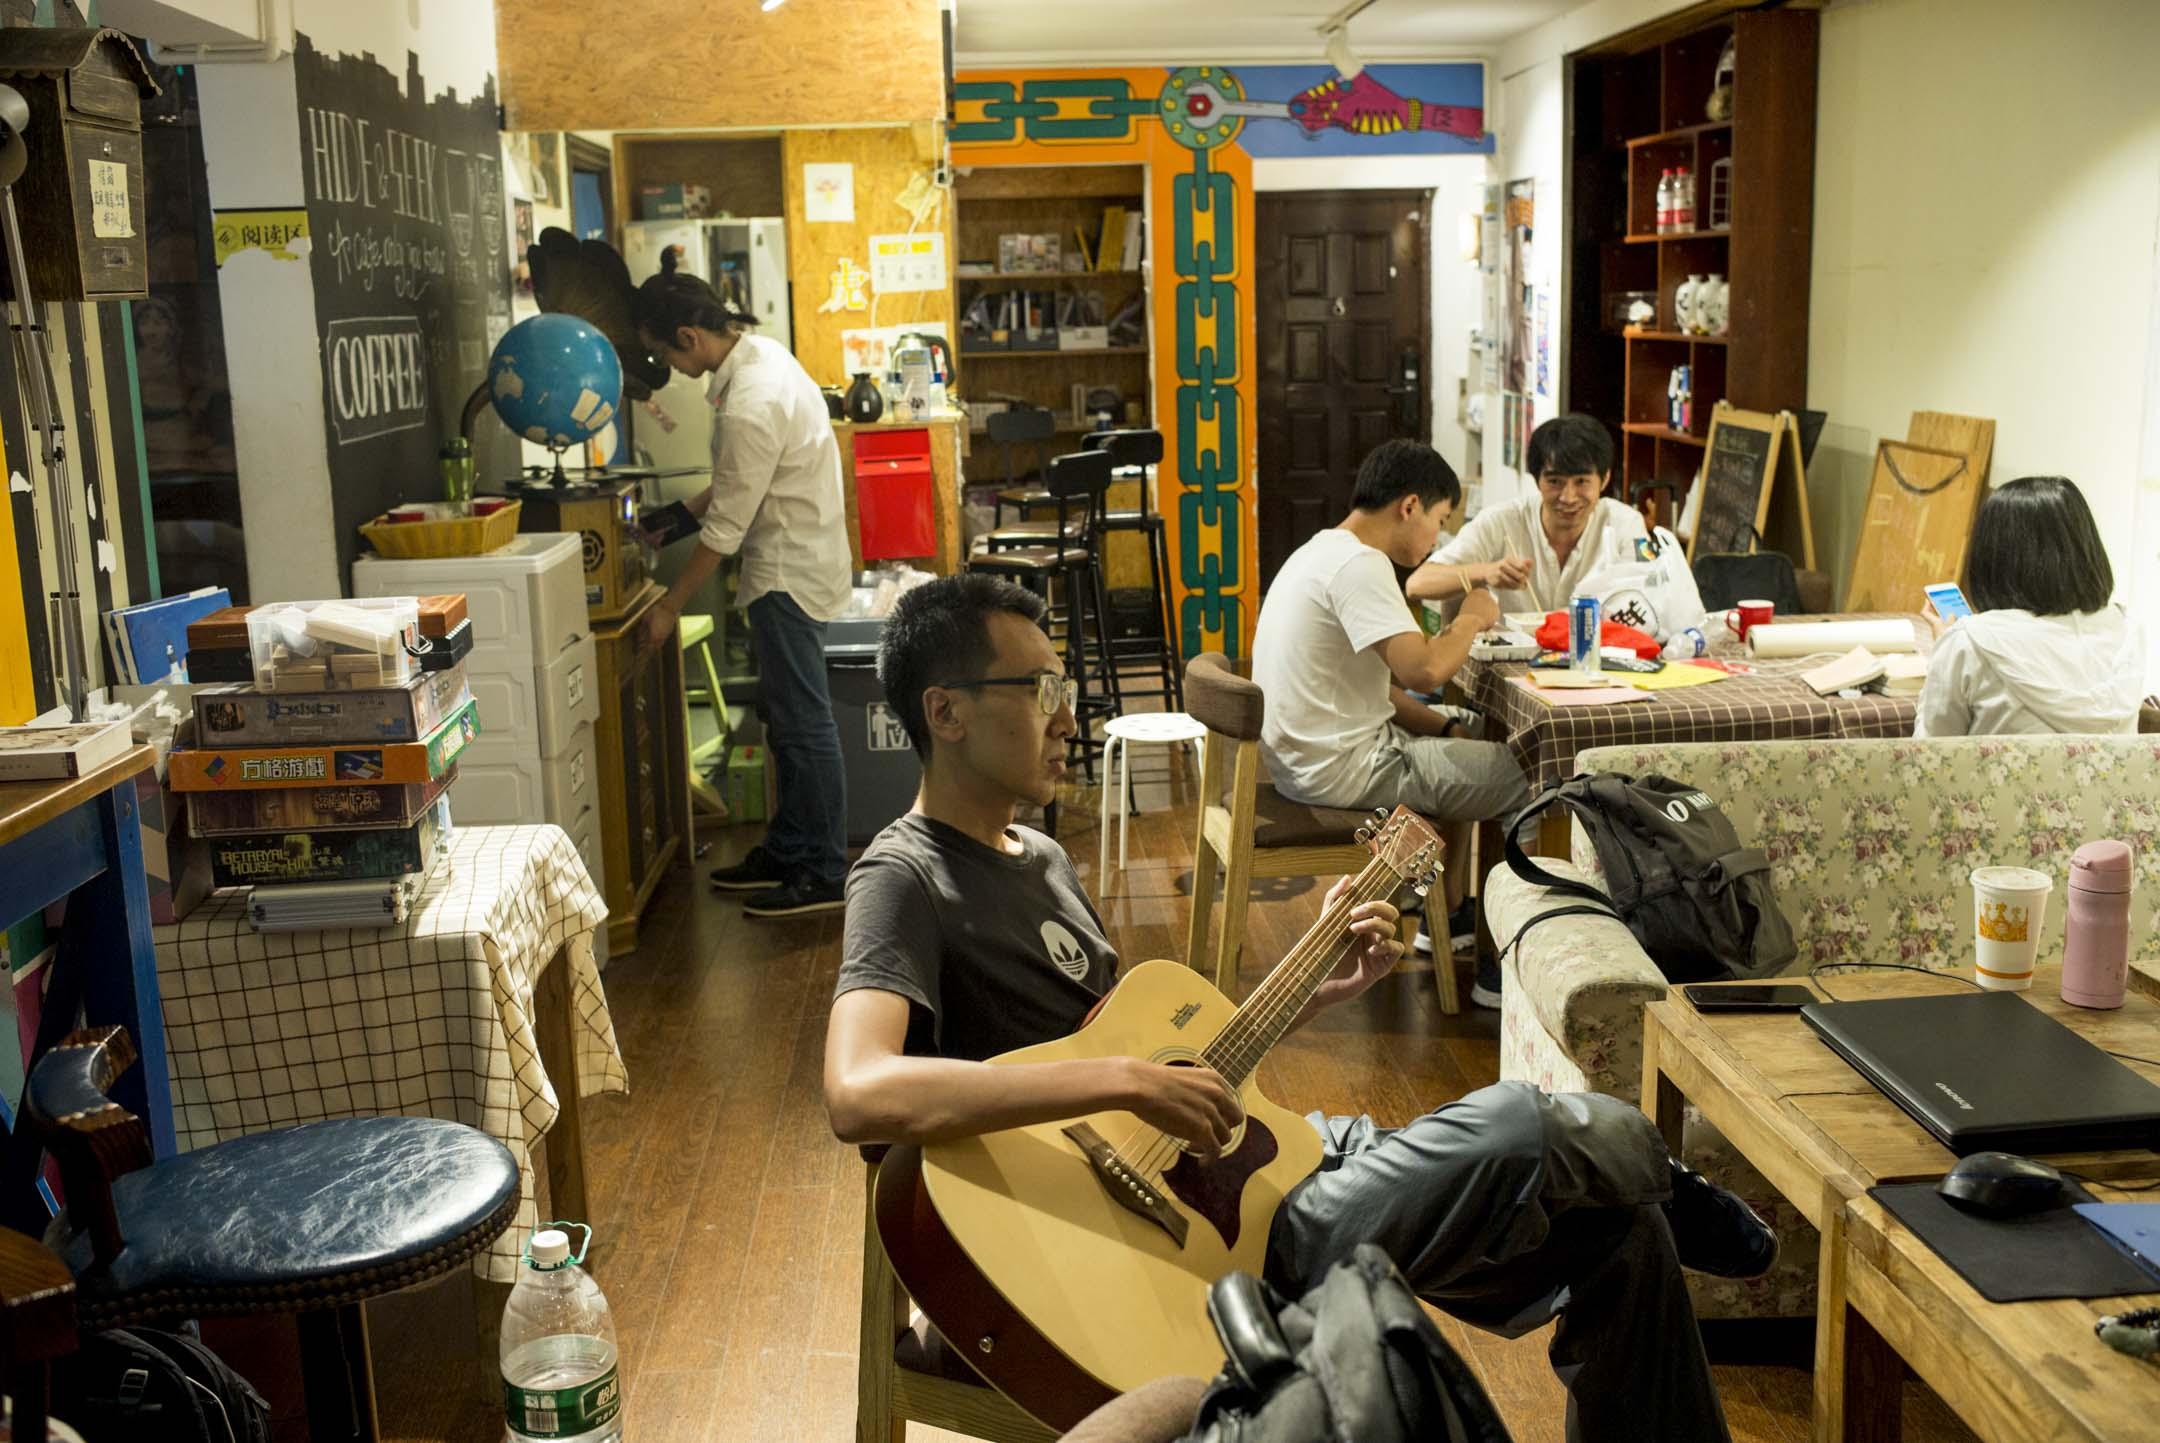 「706」青年空間是中國大陸最知名的公共空間之一。六年前,它由12個大學生自籌3萬元人民幣在北京城西北的五道口創立。這個不足100平米的場所很快聚攏了一批青年學生和知識分子。大家在這裏暢談哲學丶民主丶中國社會轉型,彼此交換故事與夢想。 攝:林振東/端傳媒